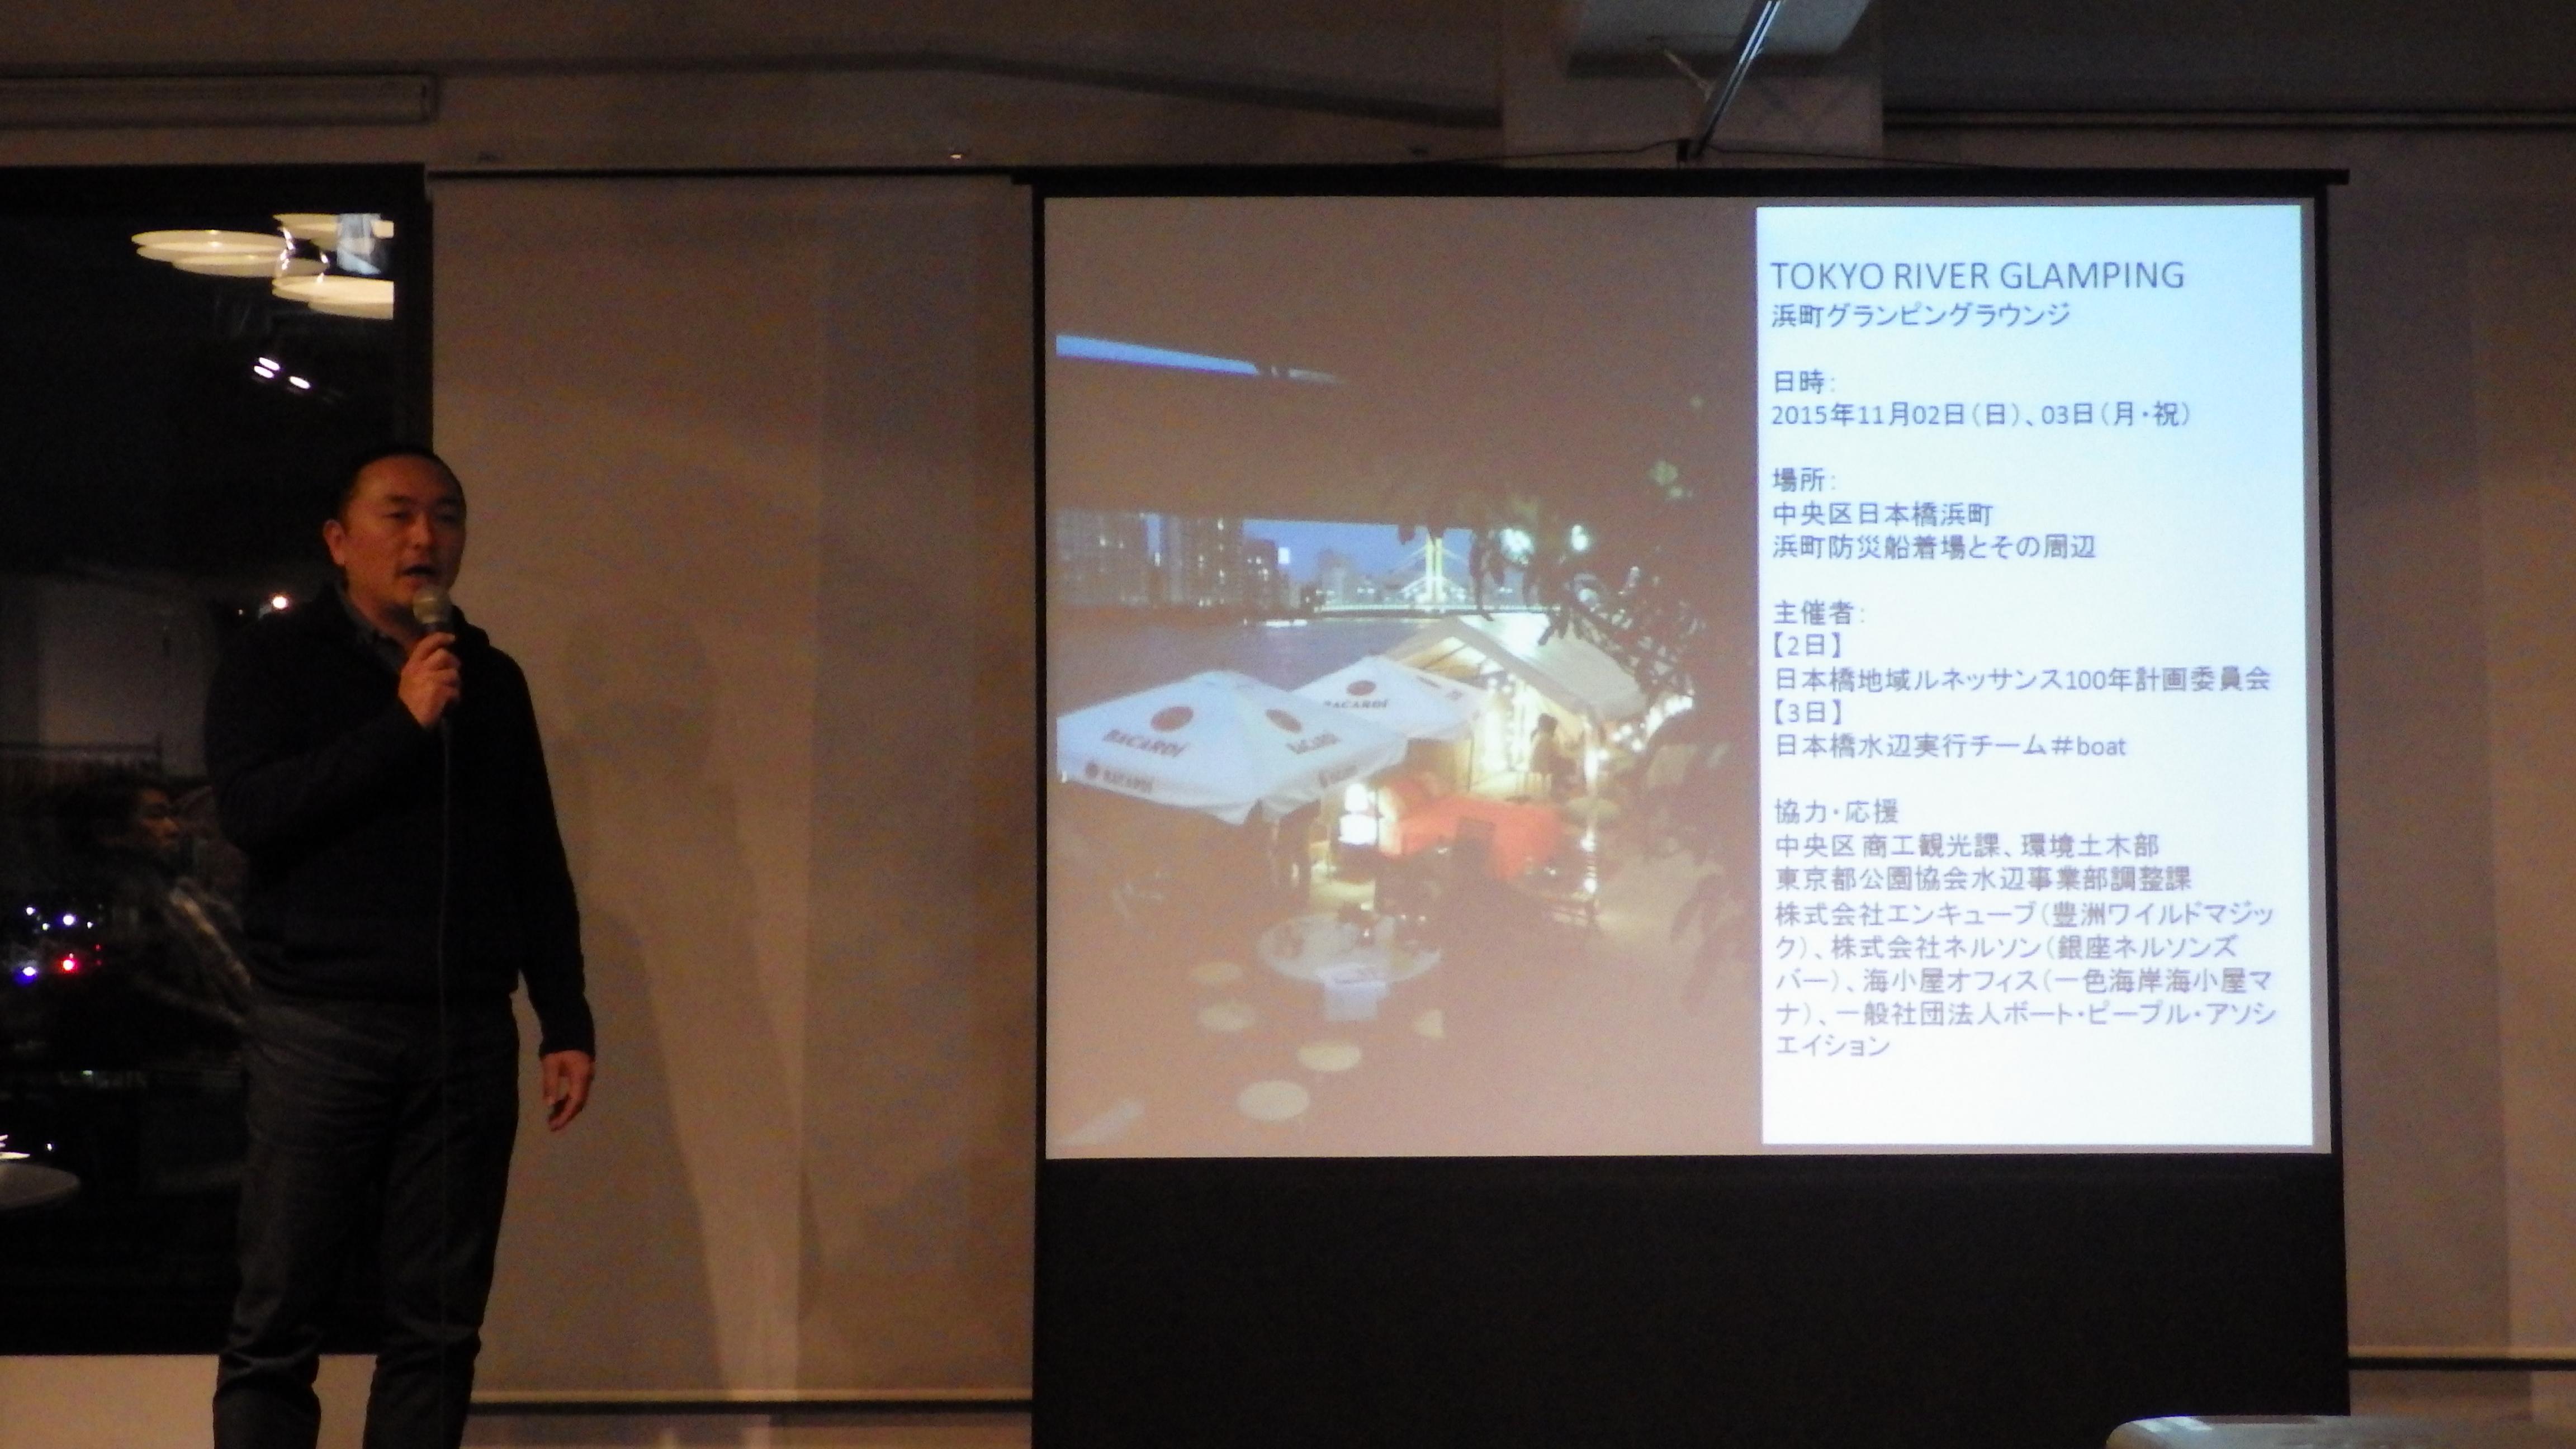 ボート・ピープル・アソシエーションの井出さん「tokyo river glamping」の報告